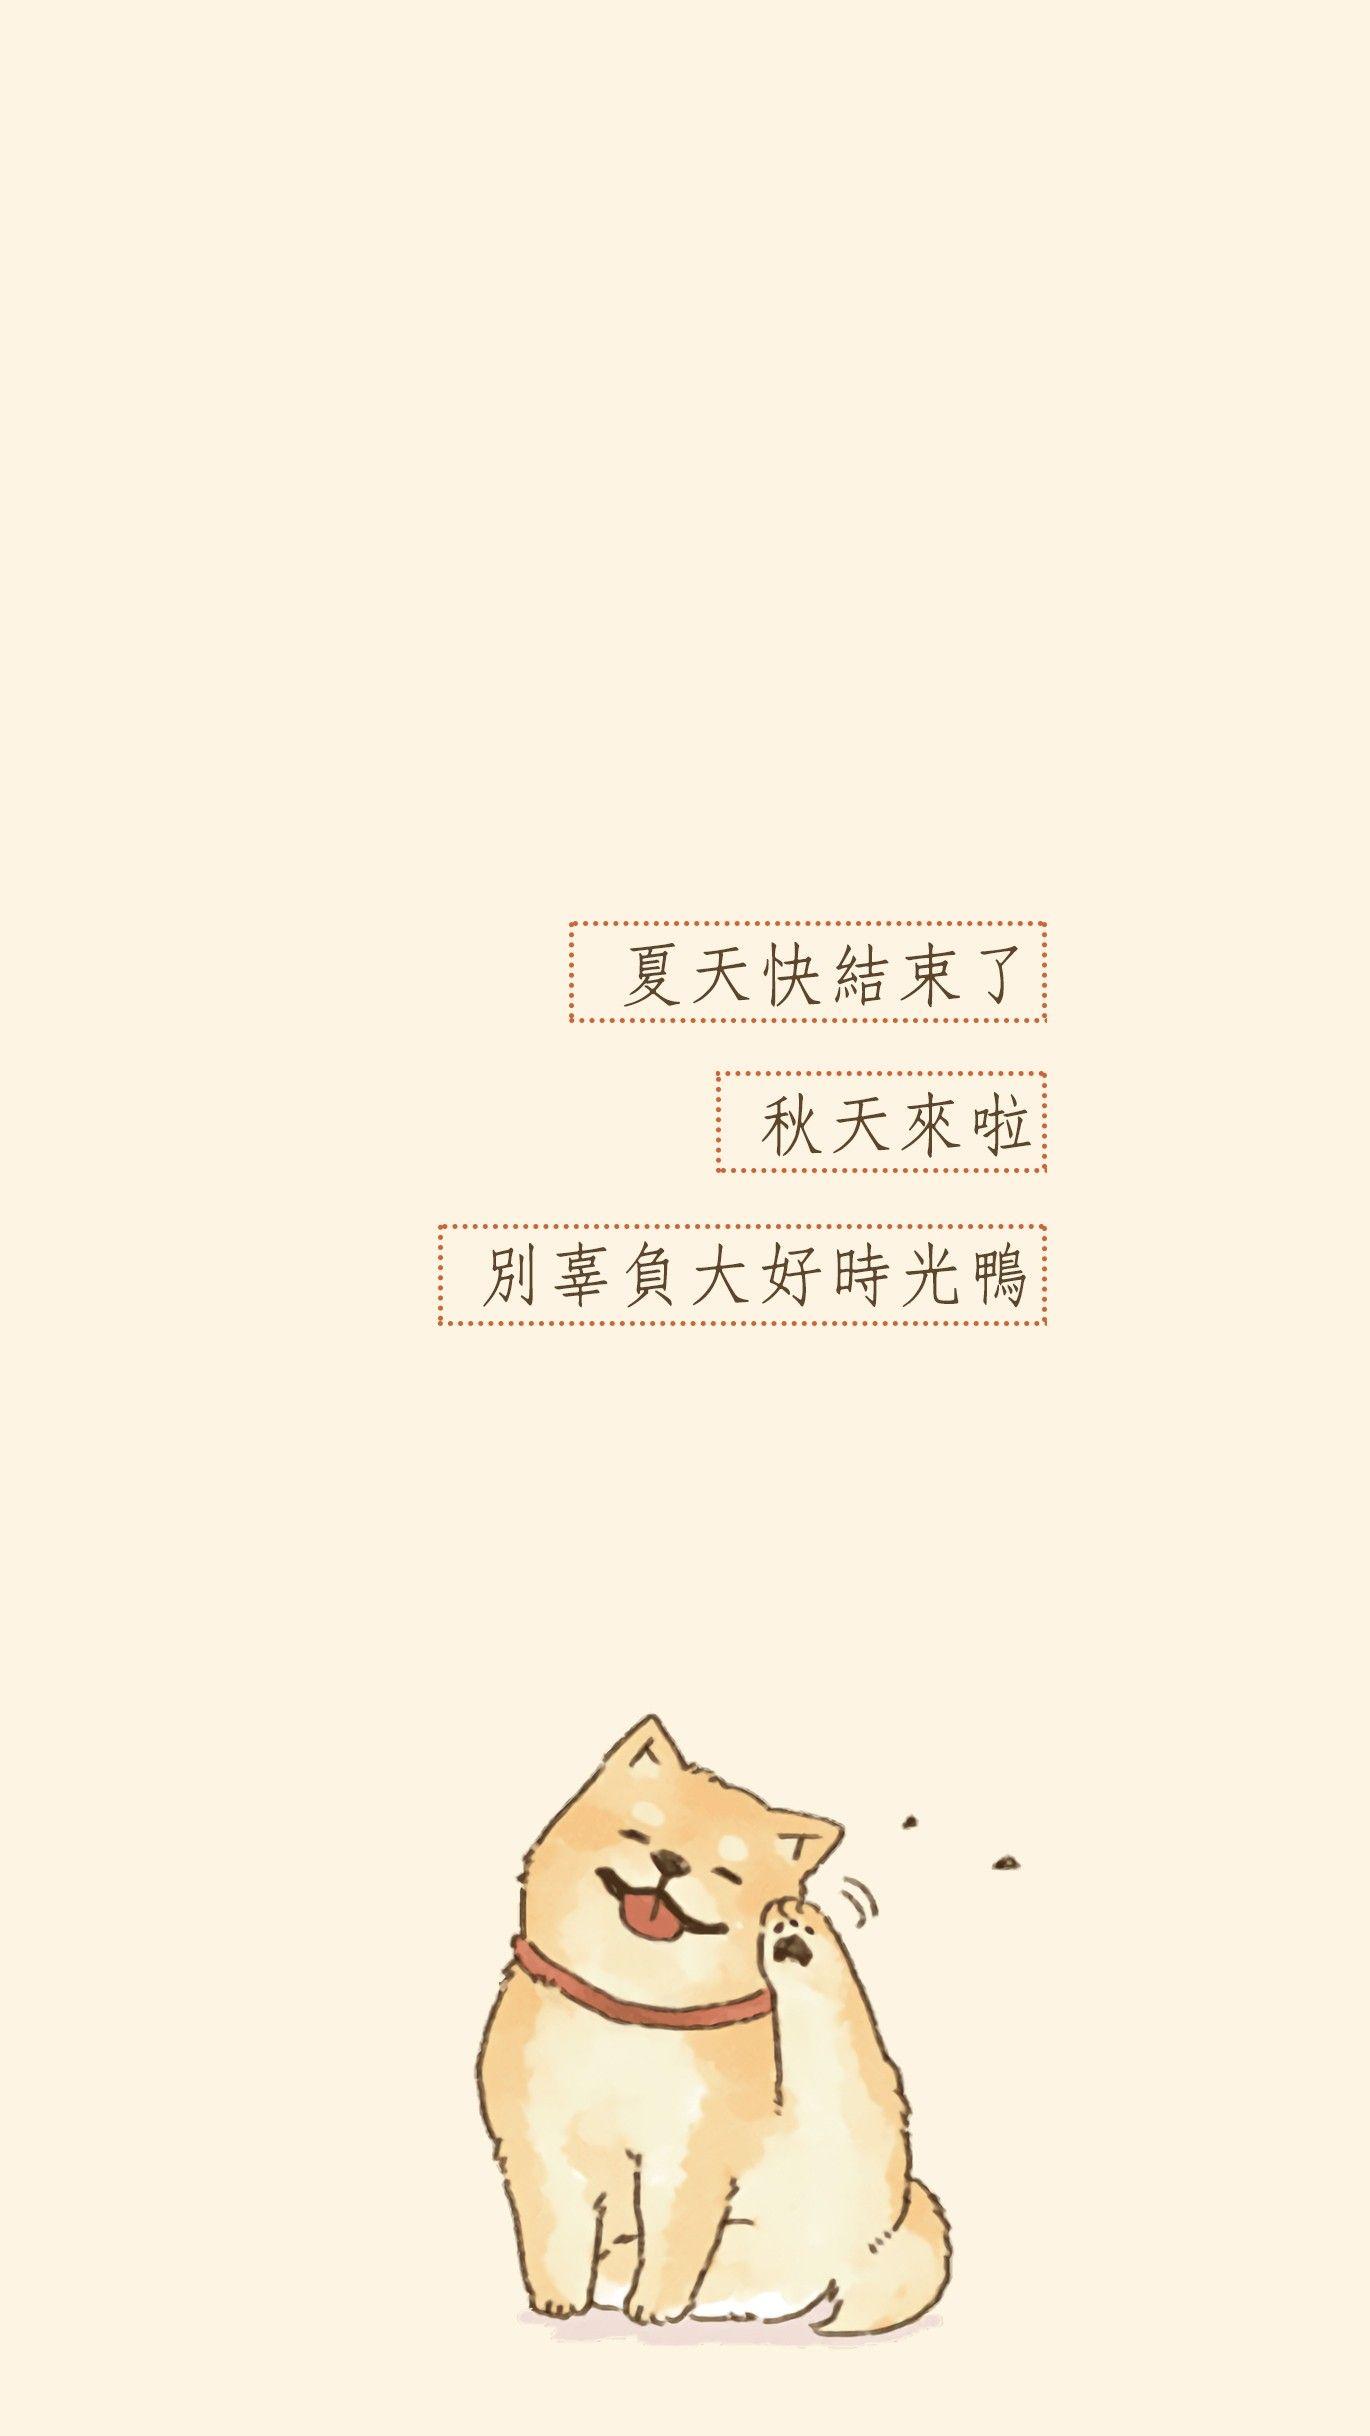 𝓽𝓱𝓾𝓶𝓪𝓮 Cute Cartoon Wallpapers Cute Wallpapers Cute Drawings